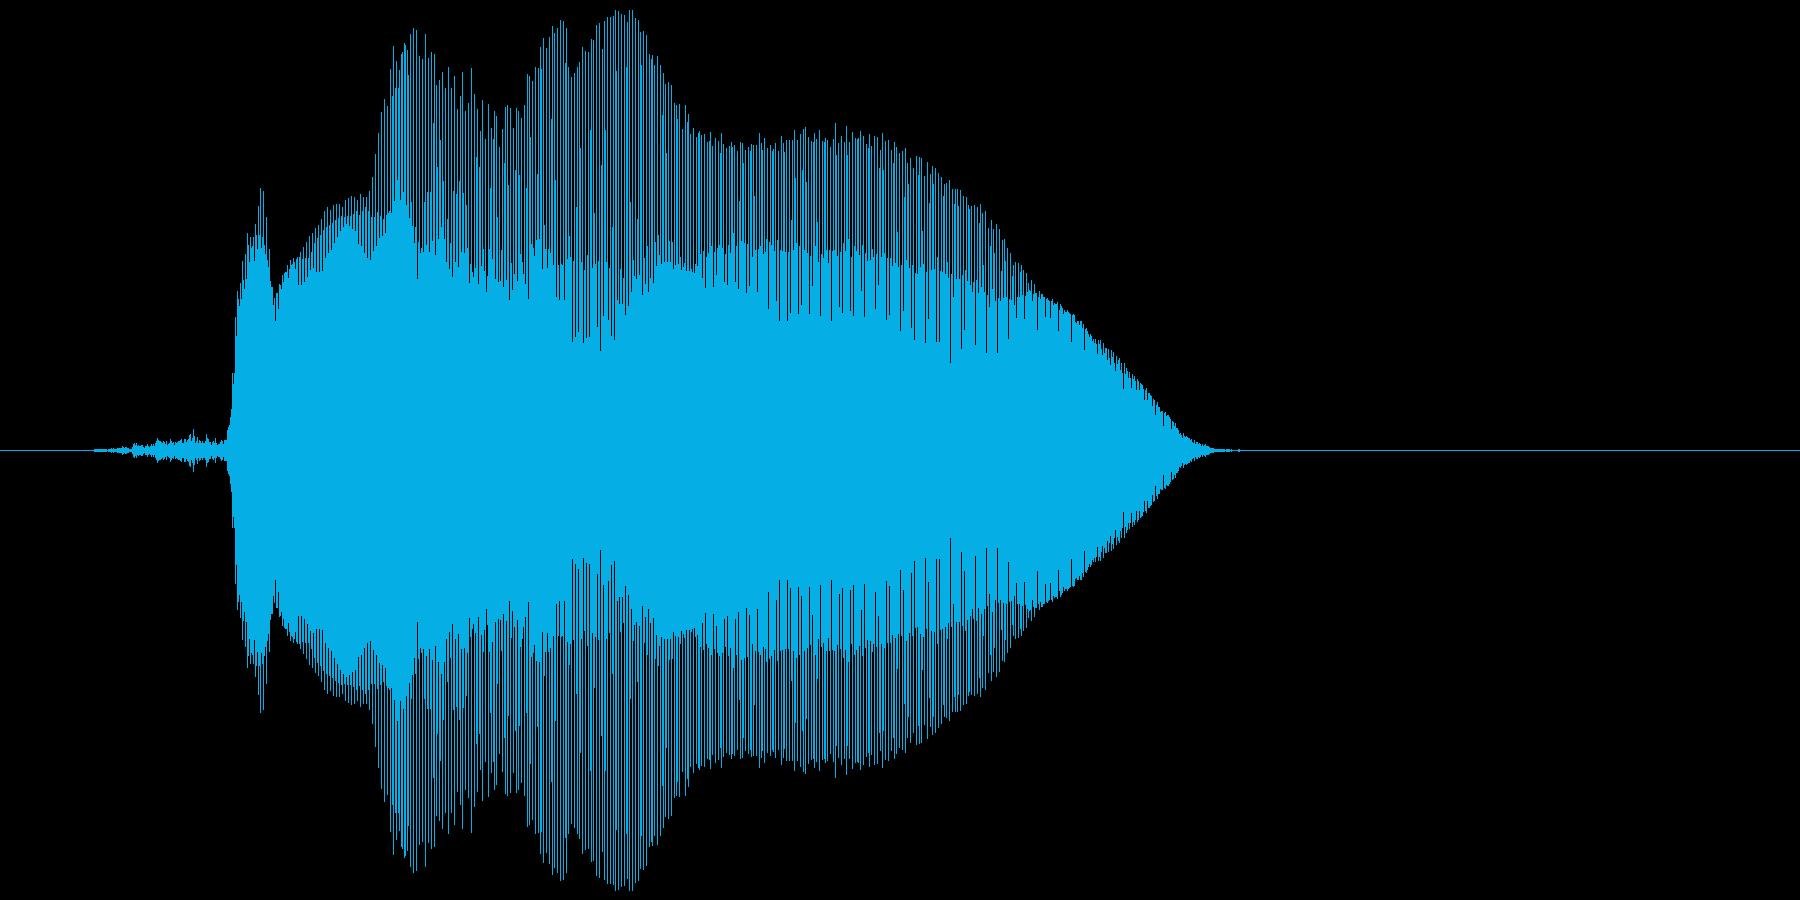 「フニョーン」の再生済みの波形